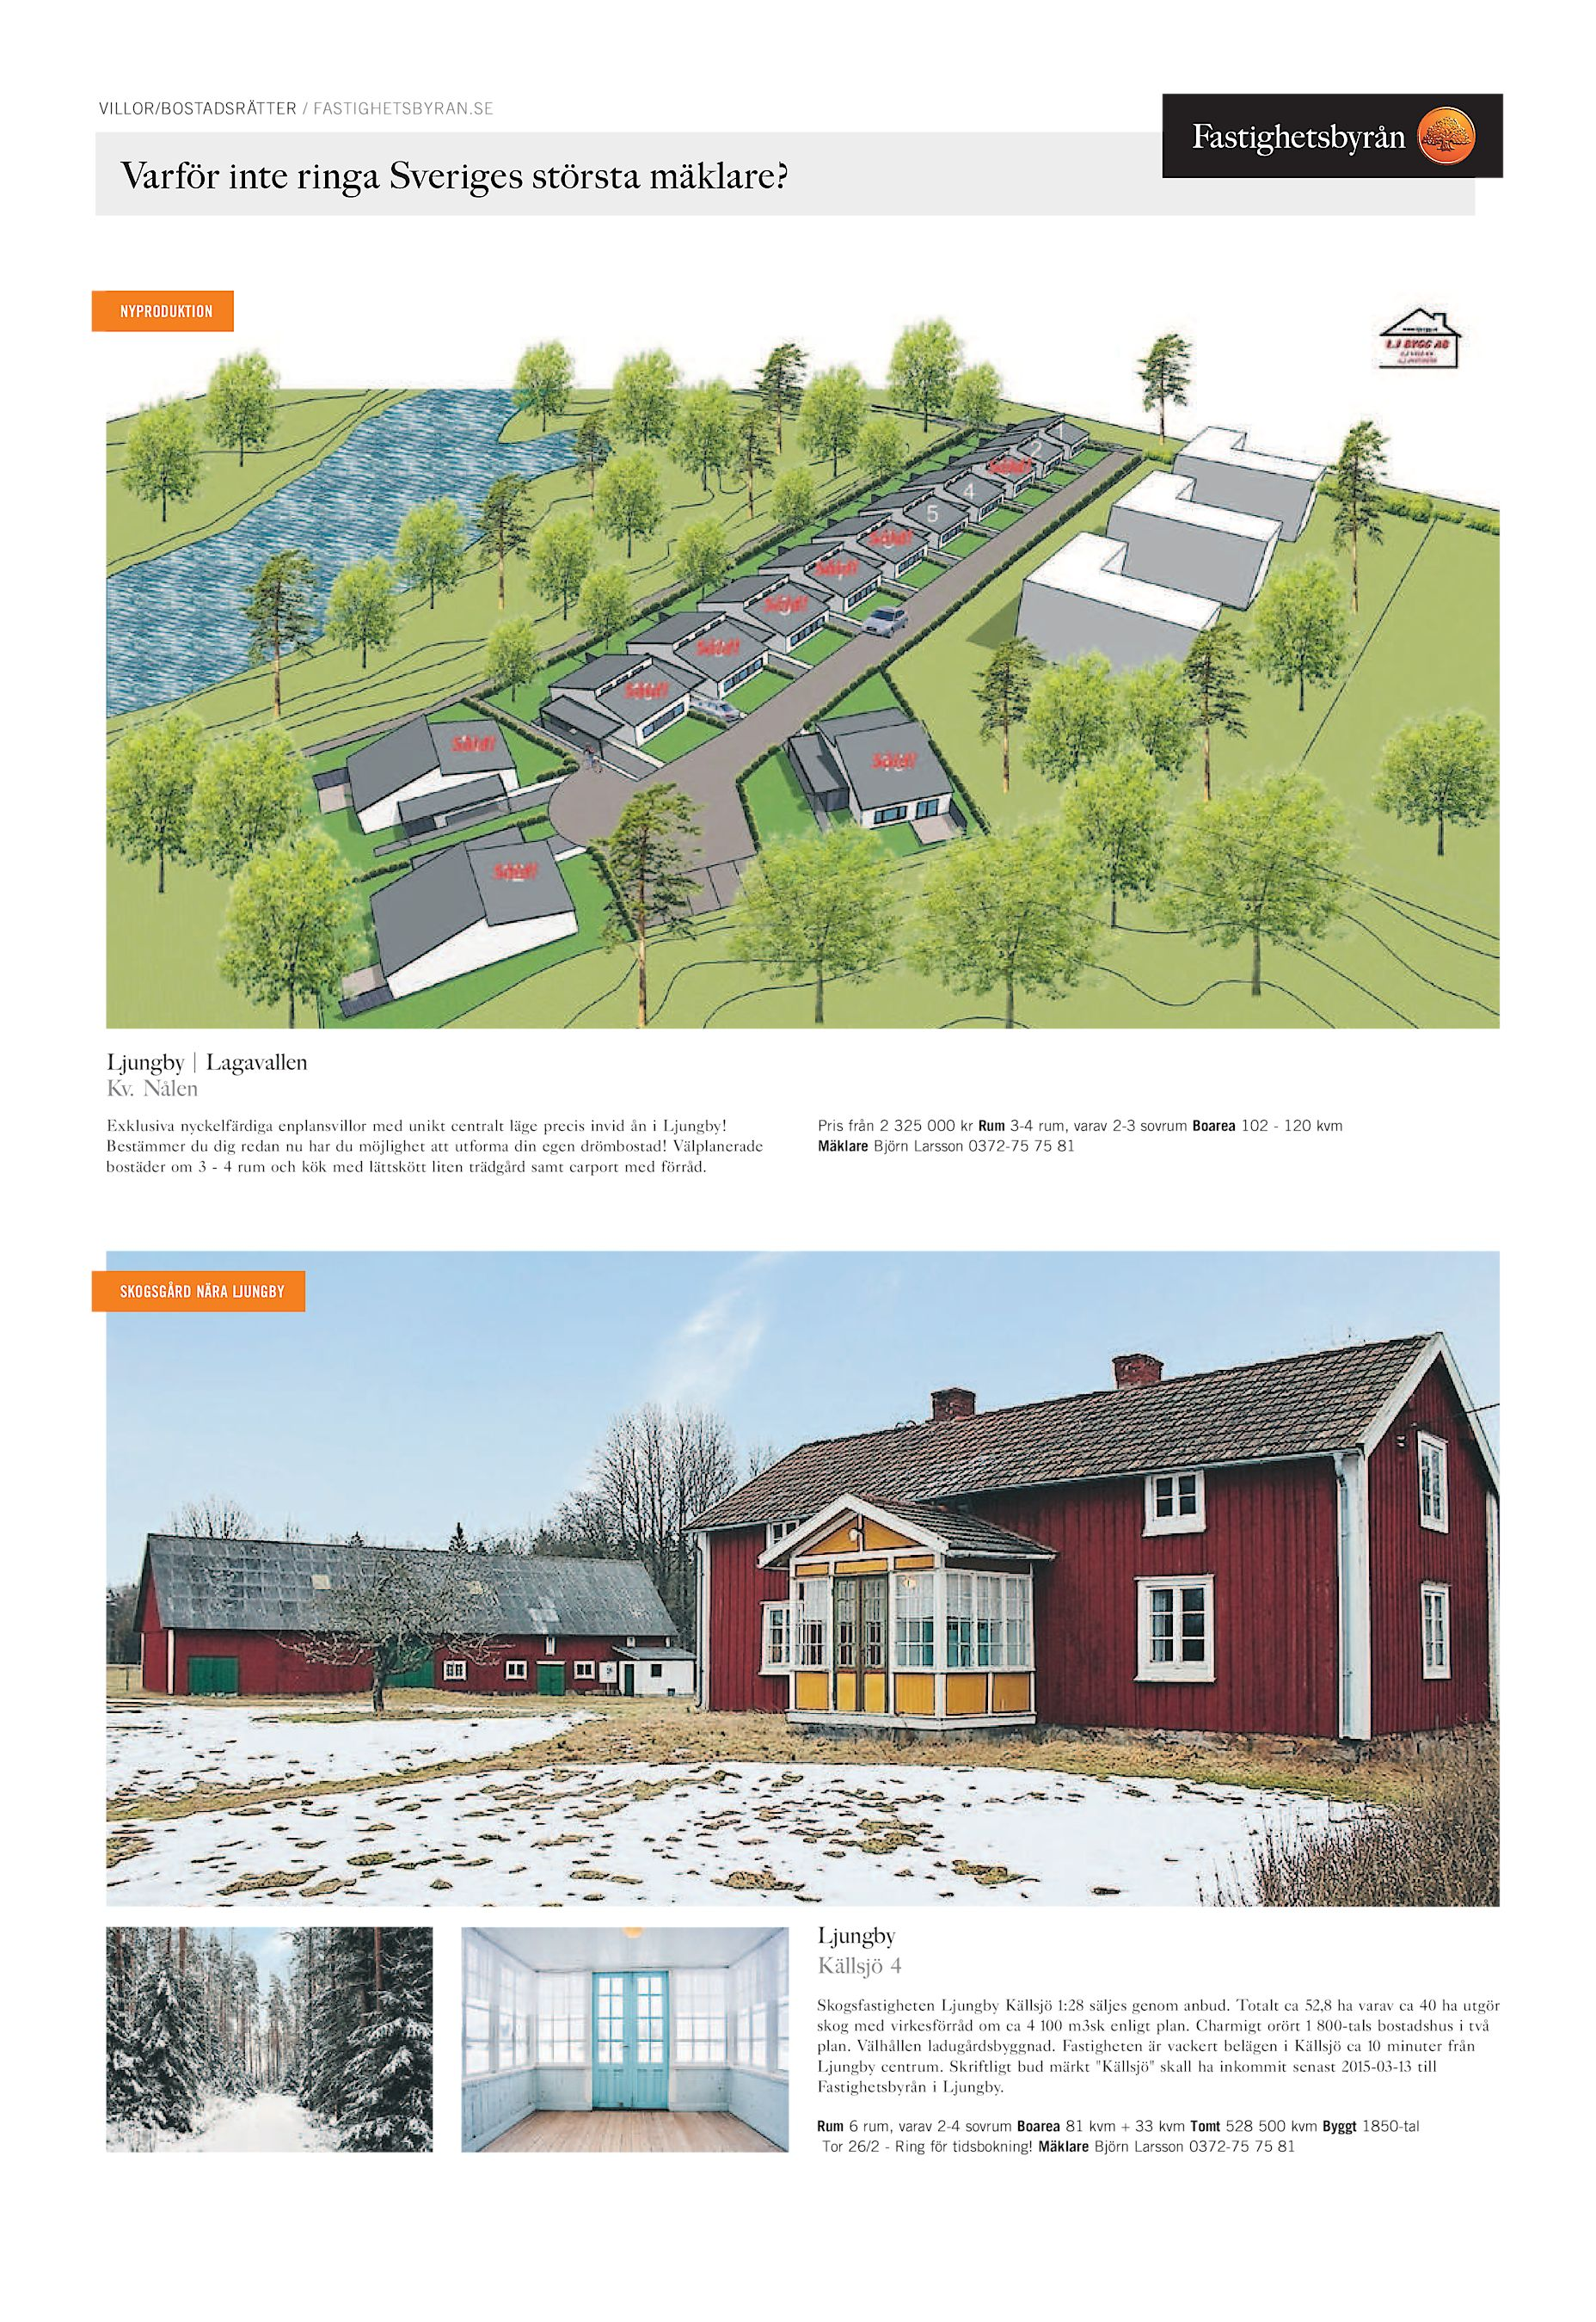 Veckobladet sv 20150225 (endast text)